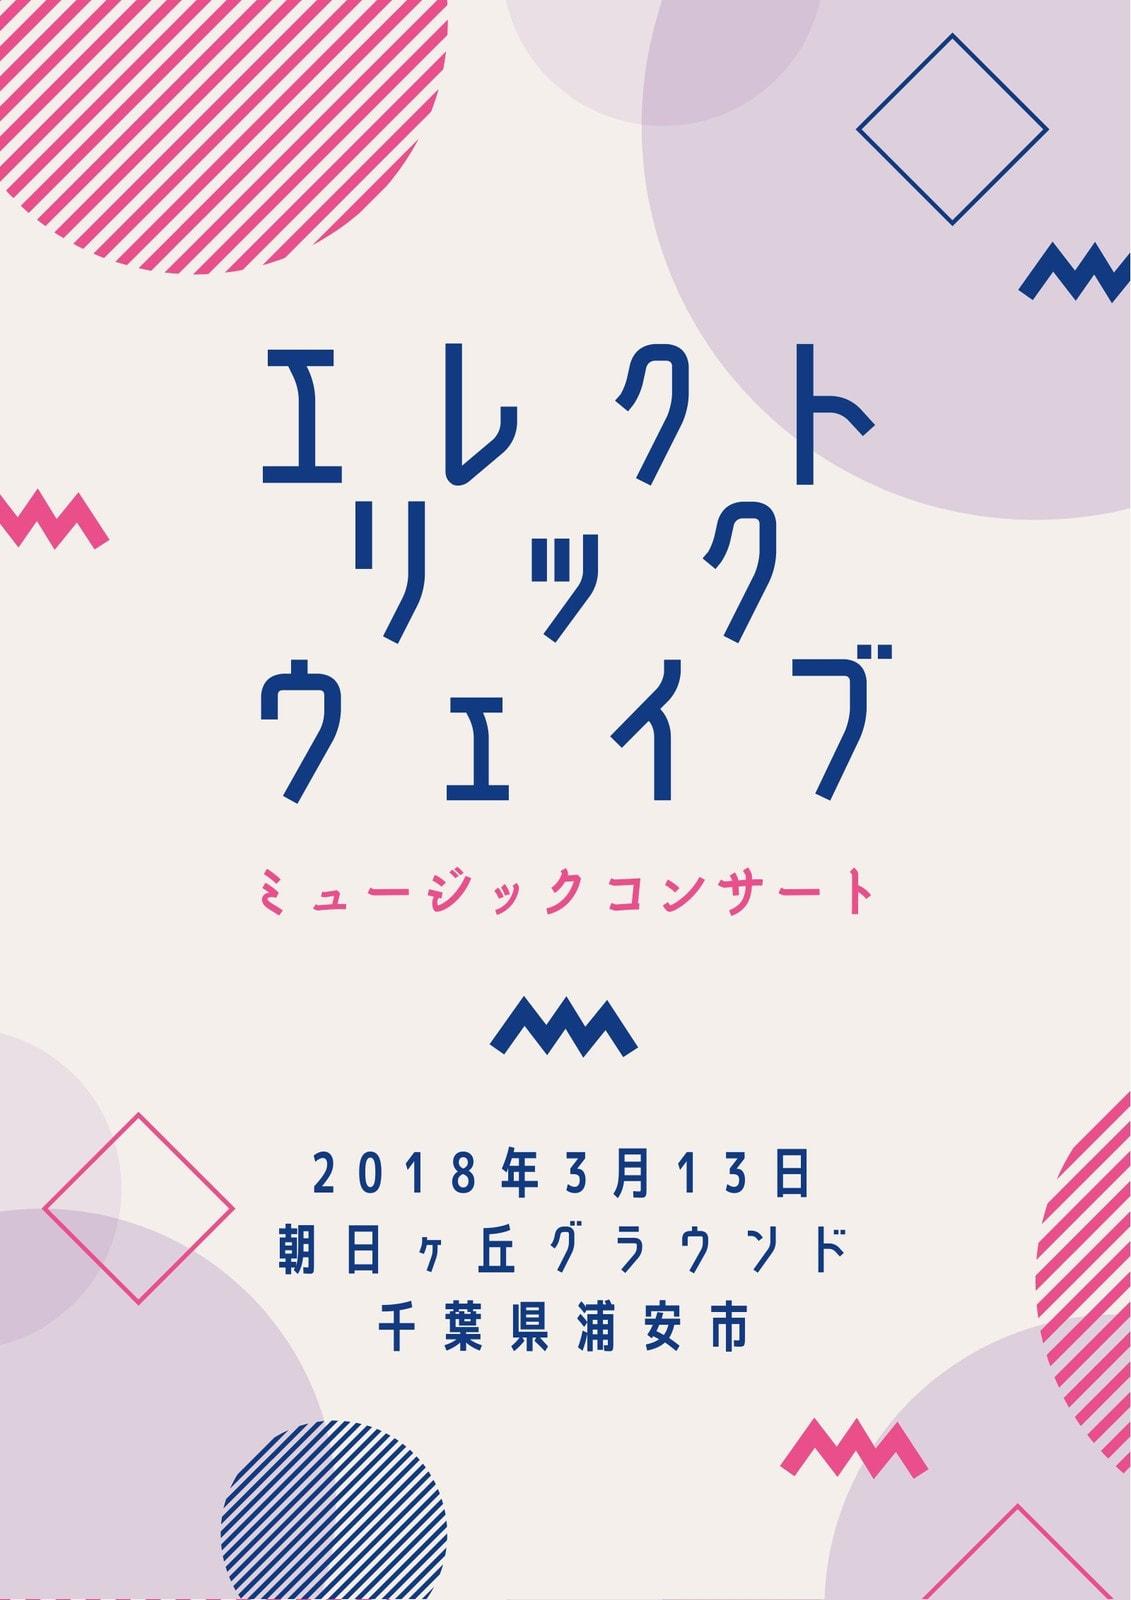 ピンクと青 図形 エレクトリック音楽 コンサート プログラム